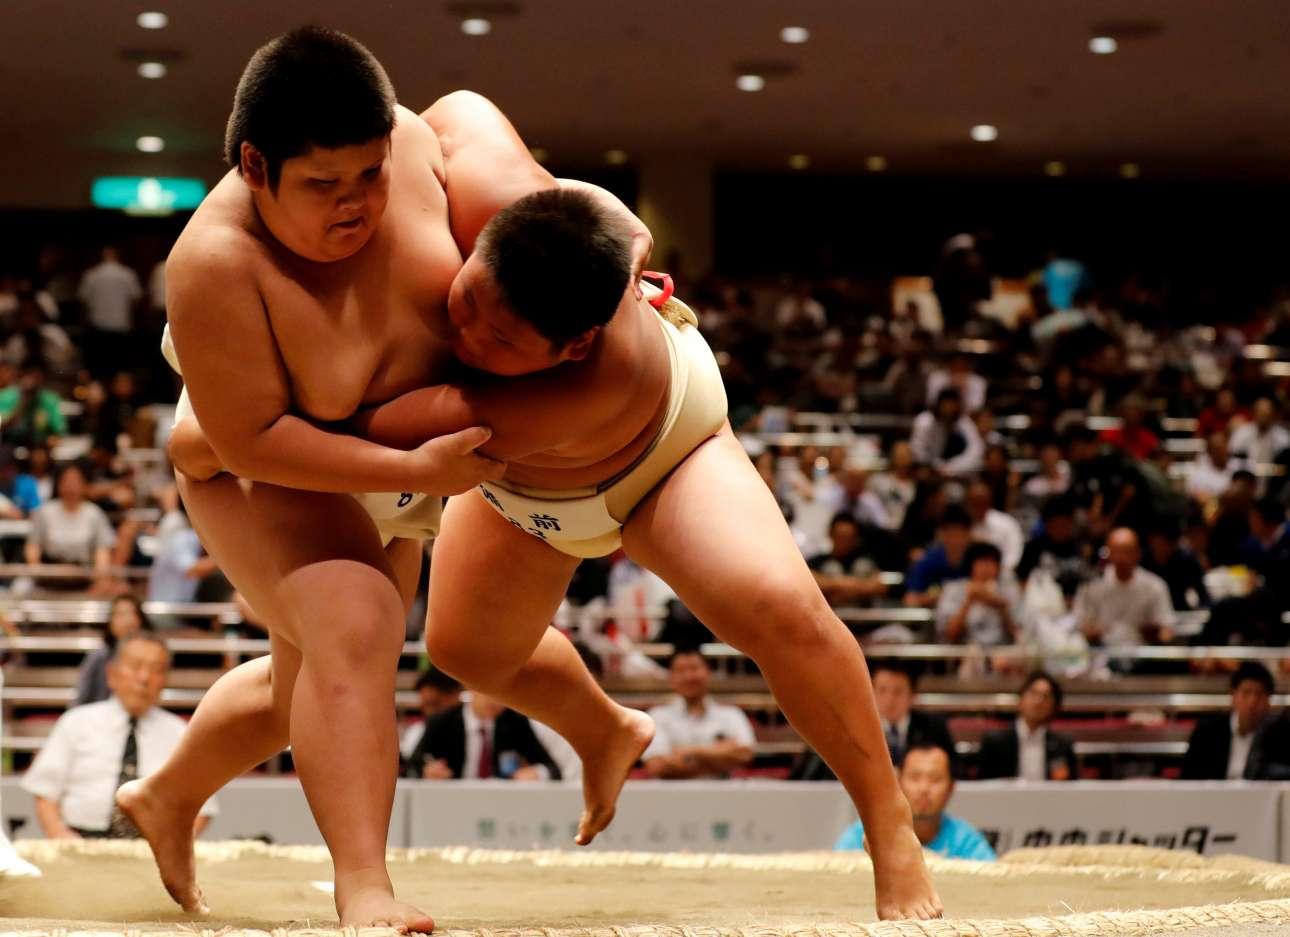 Ιαπωνικό γκέι όργιο